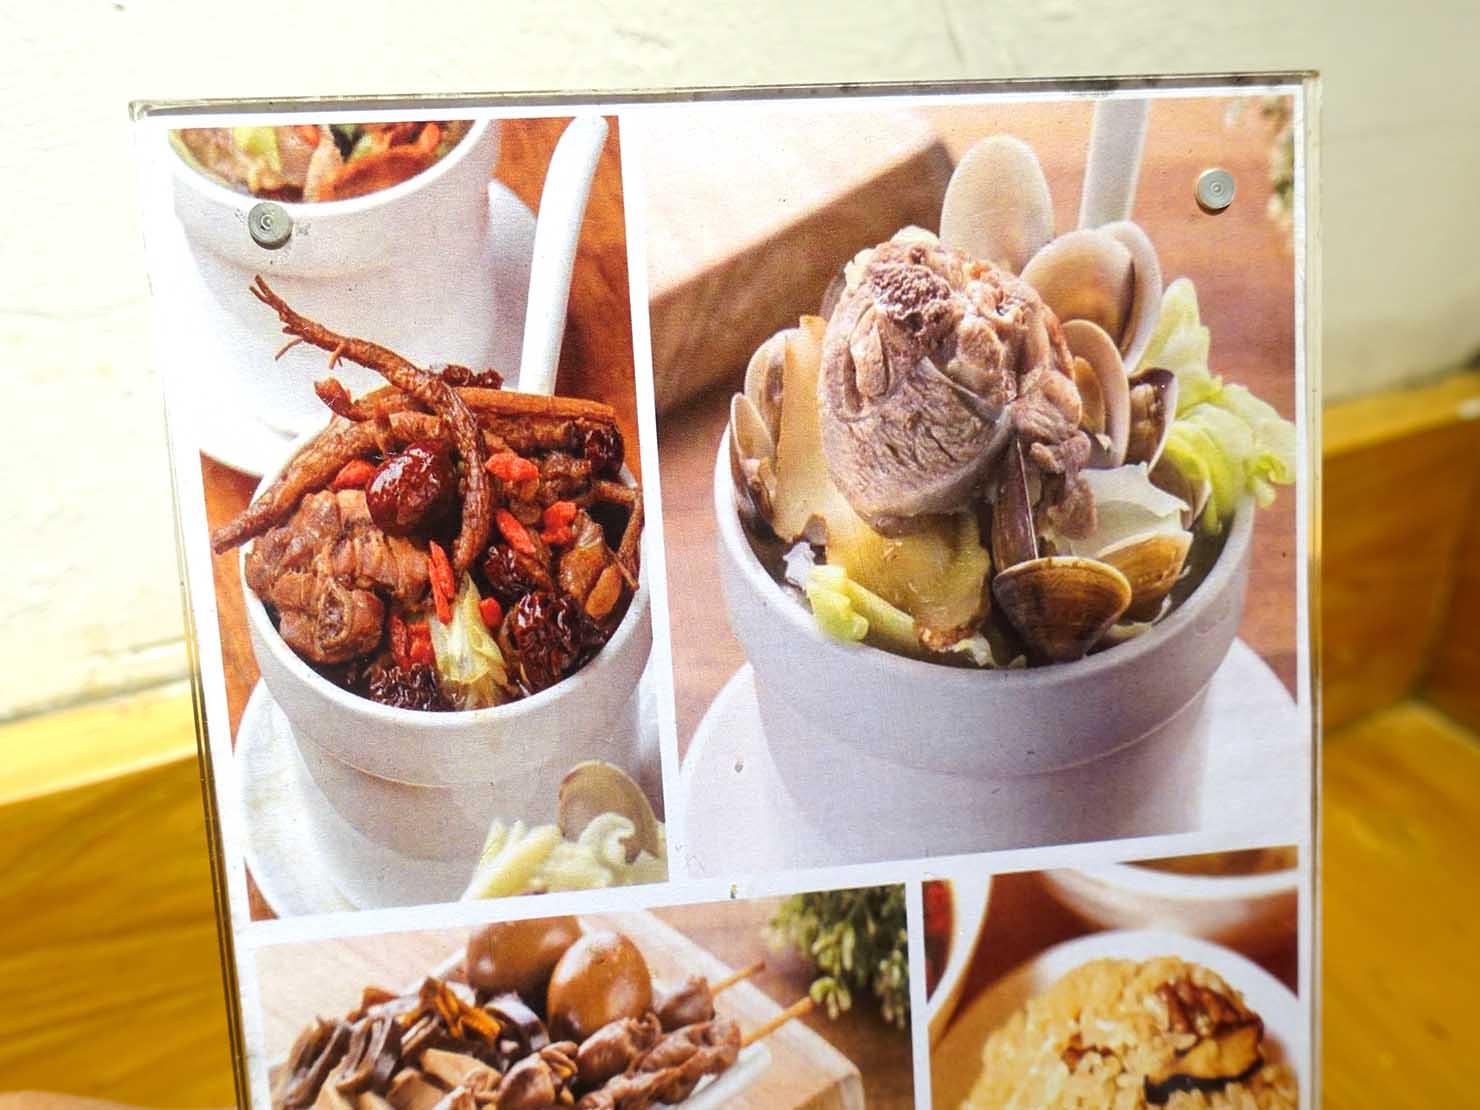 台北・善導寺のおすすめグルメ店「雙月食品社」のスープメニュー